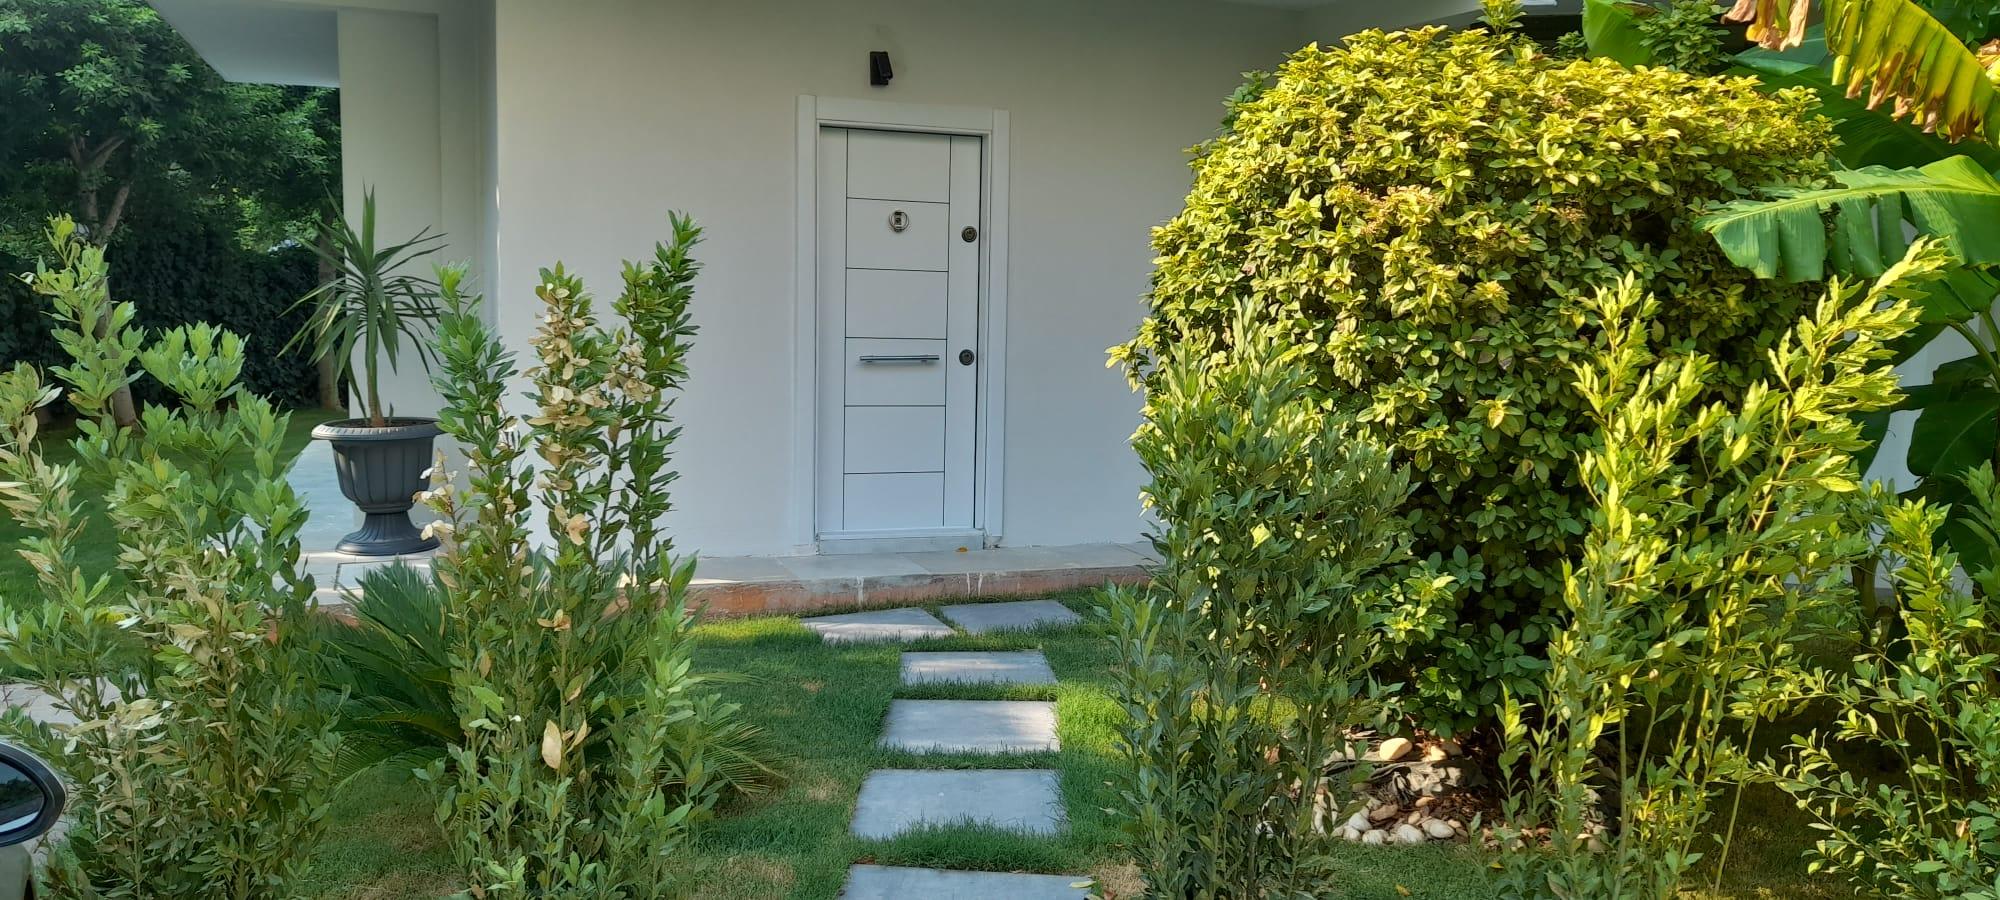 شقة للبيع في مراد با شا ميدان كواغي